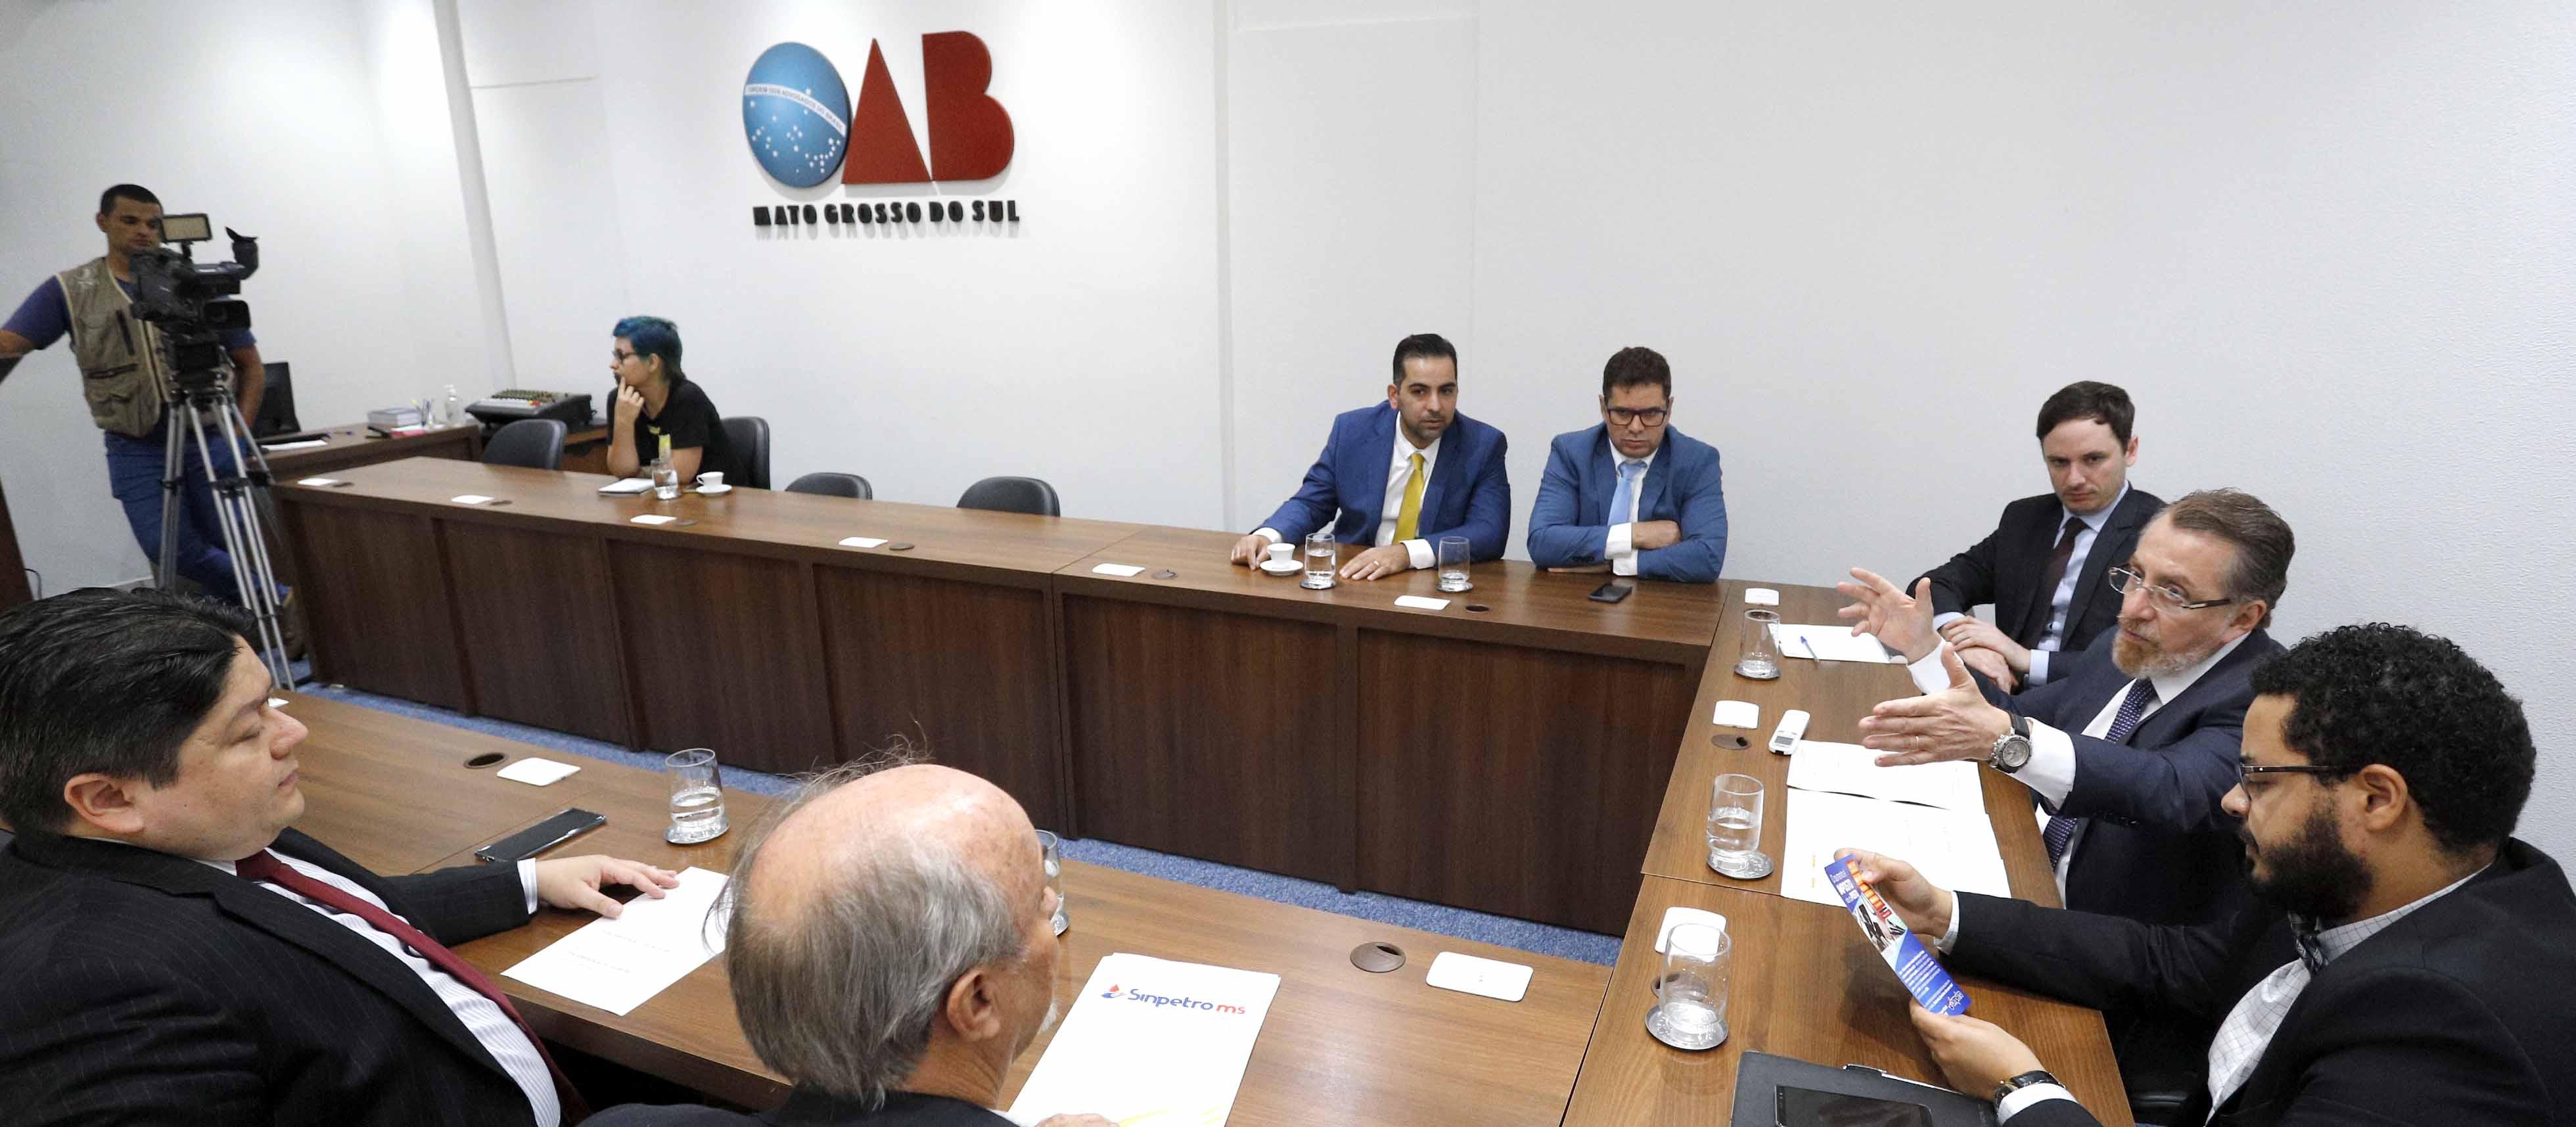 Instituições pedem apoio da OAB/MS acerca de alta na cobrança de ICMS sobre combustíveis